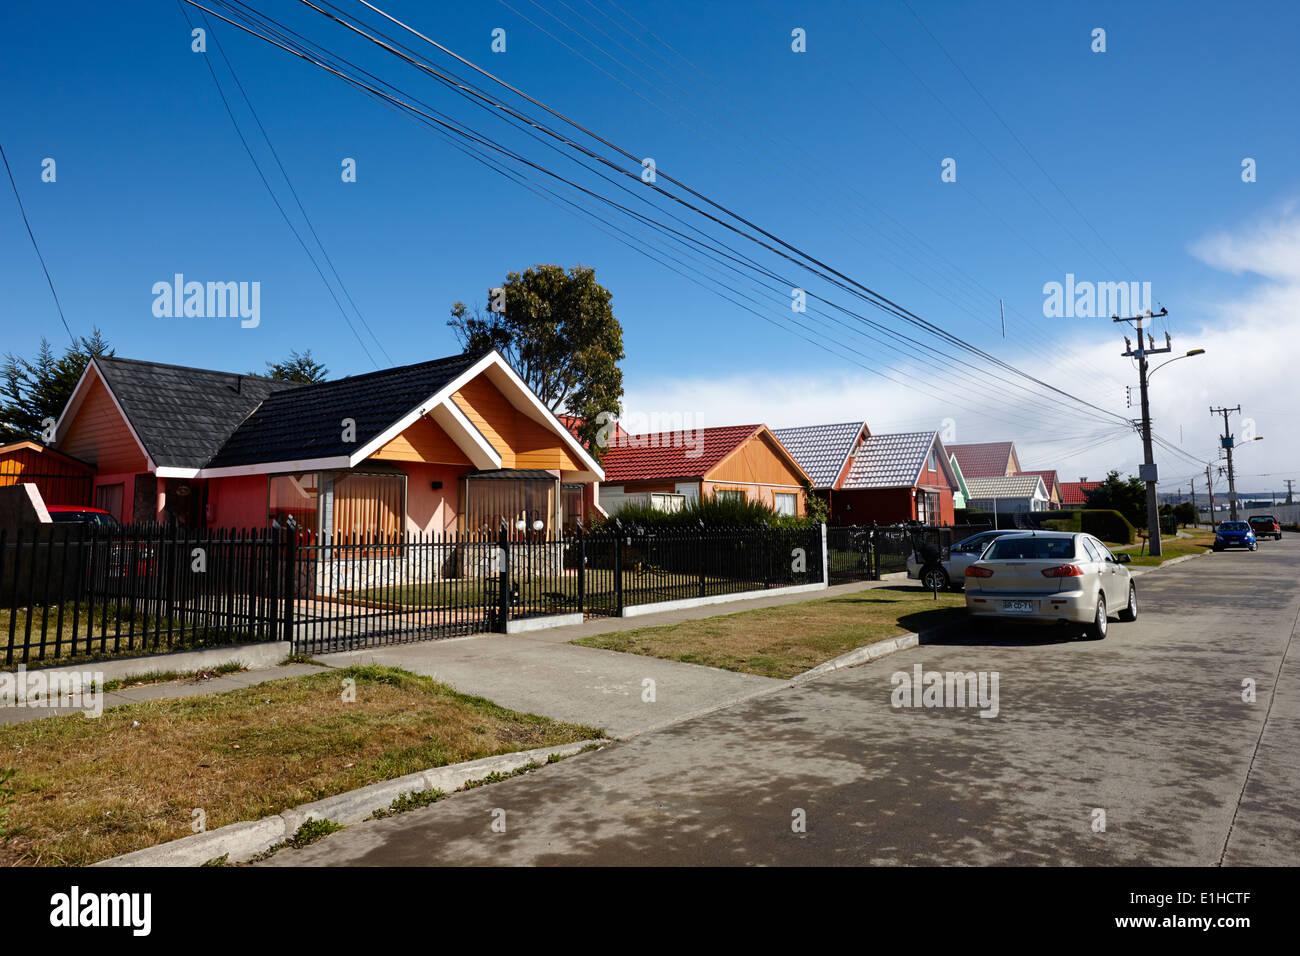 Rue des modernen typisch chilenischen Bau Haus mit ...